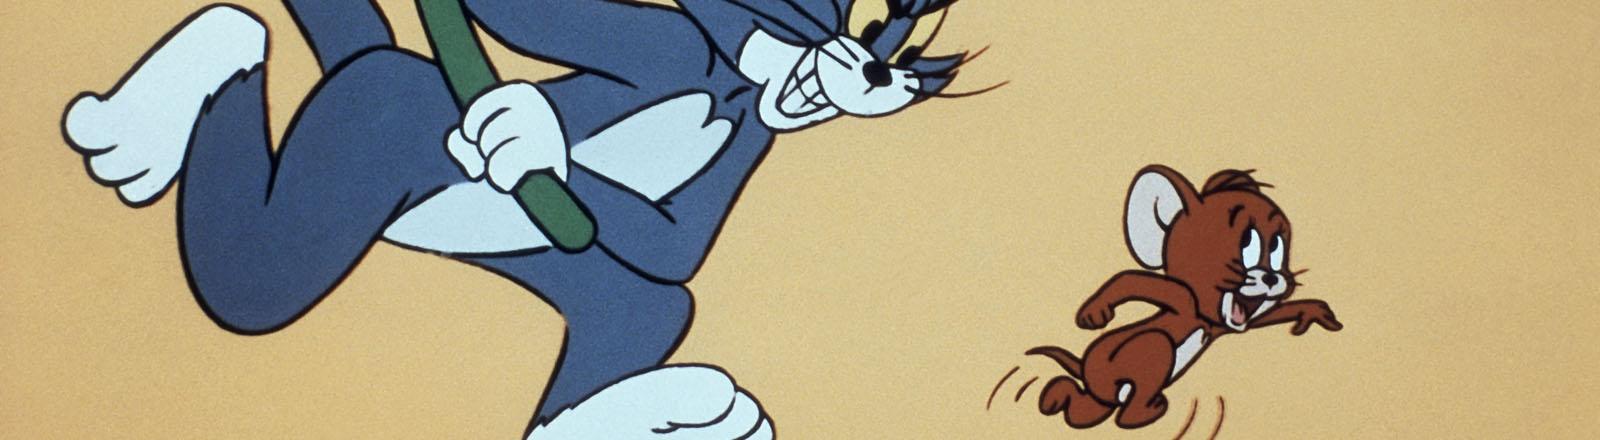 Kater Tom jagt Jerry mit einem Besen.